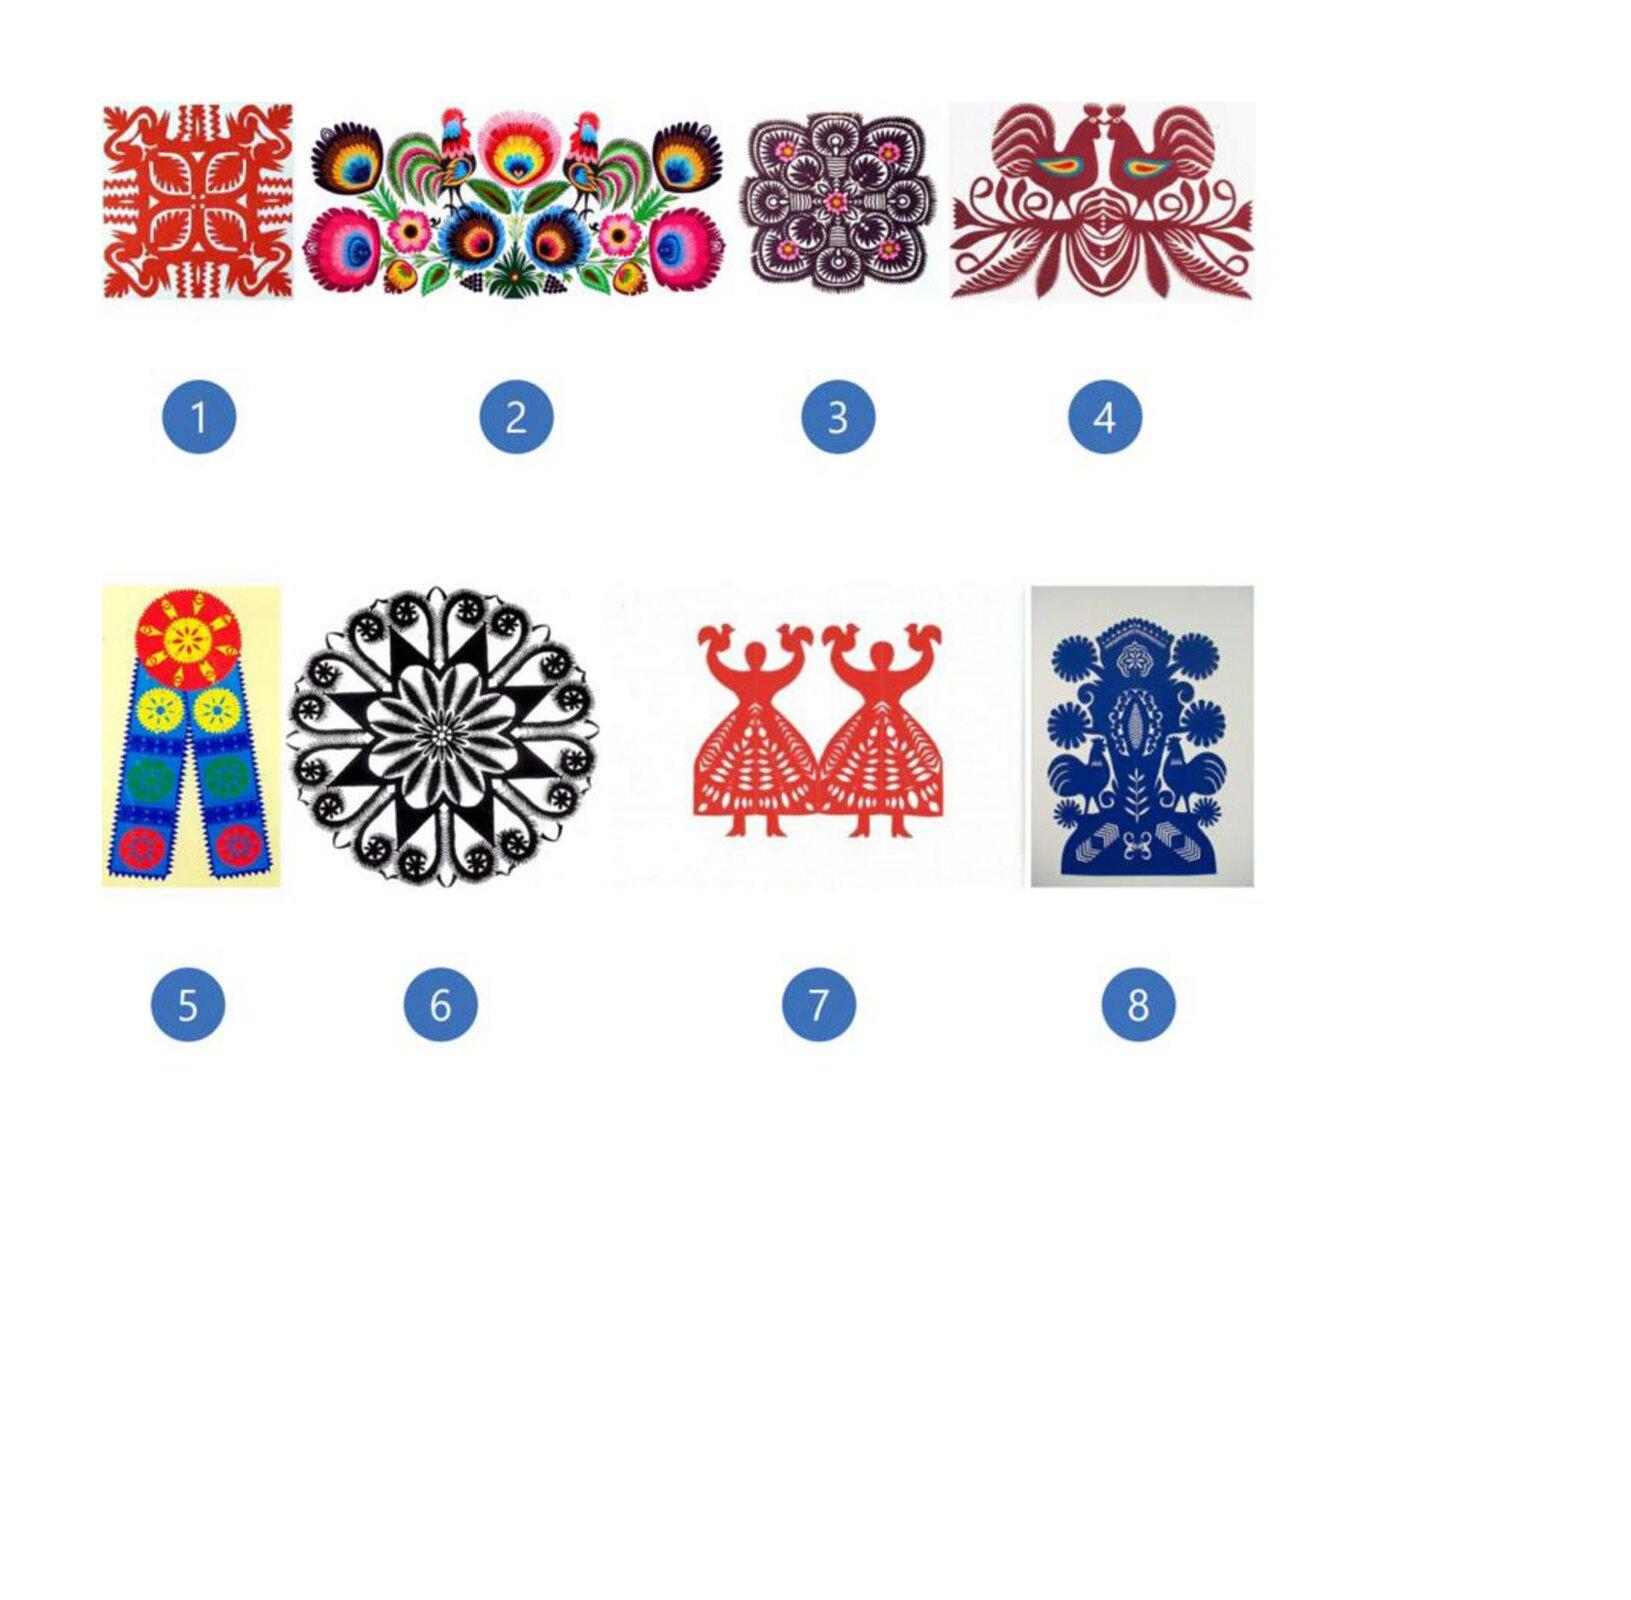 Pierwsza ilustracja przedstawia wycinankę wkolorze czerwony zmotywami roślinnymi. Centralną część stanowi podzielony na cztery części kwadrat. Znarożników idą ku środkowi listki. Zkażdego narożnika na zewnątrz wychodzi wzór dwóch siedzących, stykających się dziobami ptaków. Całość dopełniają detale oroślinnym motywie. Druga ilustracja to kodra wpoziomie, symetrycznie ułożone kolorowe kwiaty ilistki kwiatowe. Po obu bokach głównego, środkowego kwiata widać kolorowego koguta zzielonkawym ogonem. Kwiaty są różnokolorowe. Trzecia ilustracja przedstawia mazur wkolorze ciemno-brązowym omotywie roślinnym. Składa się zwielu okrągłych lub półokrągłych części wśrodku których są kwiaty lub liście. Na wzorze wyróżnić można pięć kwiatów rozmieszczonych wrogach icentralnym punkcie, które są innego koloru niż całość. Płatki są różowo-czerwone, aśrodek żółty. Czwarta ilustracja przedstawia dwa koguty stojące na gałązce istykające się dziobami. Całość jest wkolorze bordowym za wyjątkiem skrzydeł kogutów, które mają barwę niebieską, żółtą iczerwoną. Od gałązki odchodzą różnego rodzaju listki. Piąta ilustracja przedstawia wstęgę zczerwonym kołem ożółtym wzorze wśrodku. Zkoła wychodzą dwie niebieskie wstęgi zpiłowatymi brzegami. Na każdej znich są trzy okrągłe rozetki wkolorze żółtym, zielonym iczerwonym ułożone jedna pod drugą. Rozetki są przedzielone wzorem przypominającym ustawione małe słupki siana wkolorze granatowym. Szósta ilustracja przedstawia wycinankę. Jest to wzór oparty na kole wczarnym kolorze. Środek to kwiat owielu płatkach wpisany wgwiazdę oośmiu wierzchołkach. Przestrzeń między ramionami gwiazdy wypełnia wzór przypominający wodę tryskającą zfontanny. Siódma ilustracja przedstawia wycinankę kobiety zkokoszkami. Wycinanka to dwie kobiety stojące istykające się dołem rozkloszowanymi sukniami. Trzymają ręce wgórze, na których widać koguciki. Wycinanka ma kolor czerwony. Ósma ilustracja przedstawia rózgę. Jest to niebieski, symetryczny wzór wycinaki przypominającej drzewo.